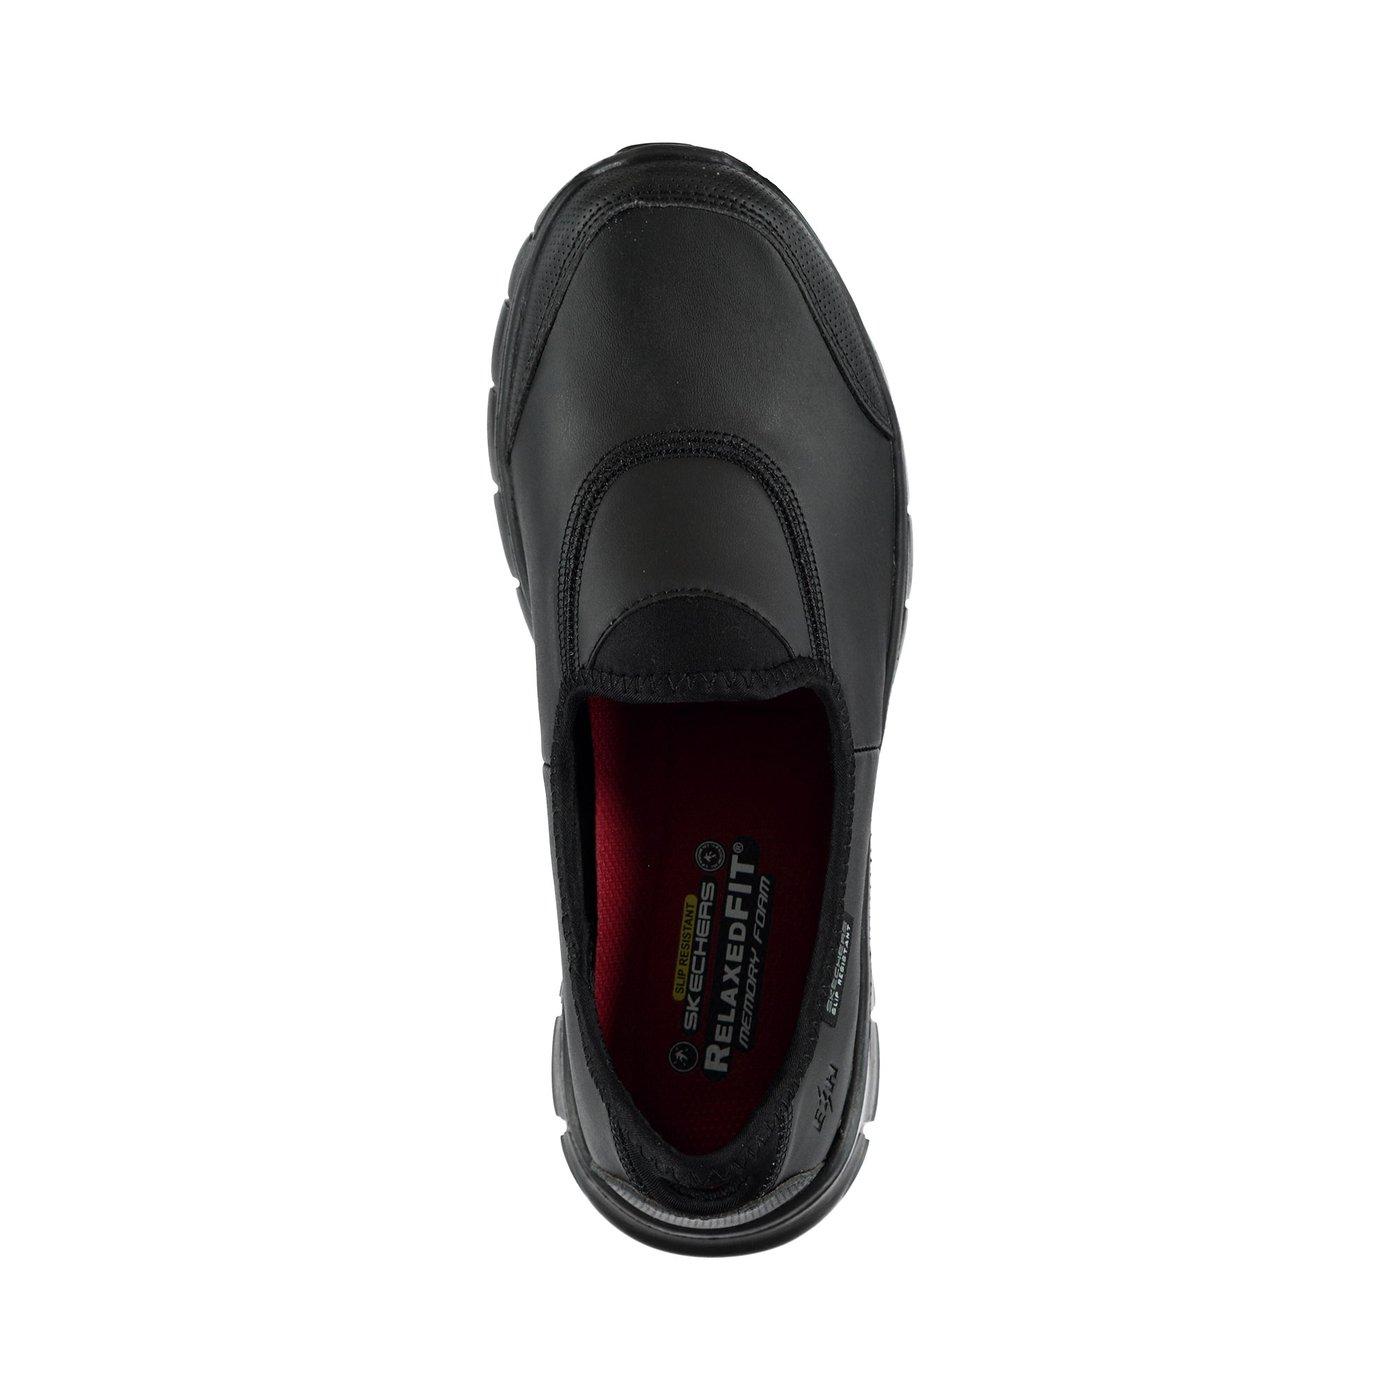 Skechers Sure Track Kadın Siyah Spor Ayakkabı